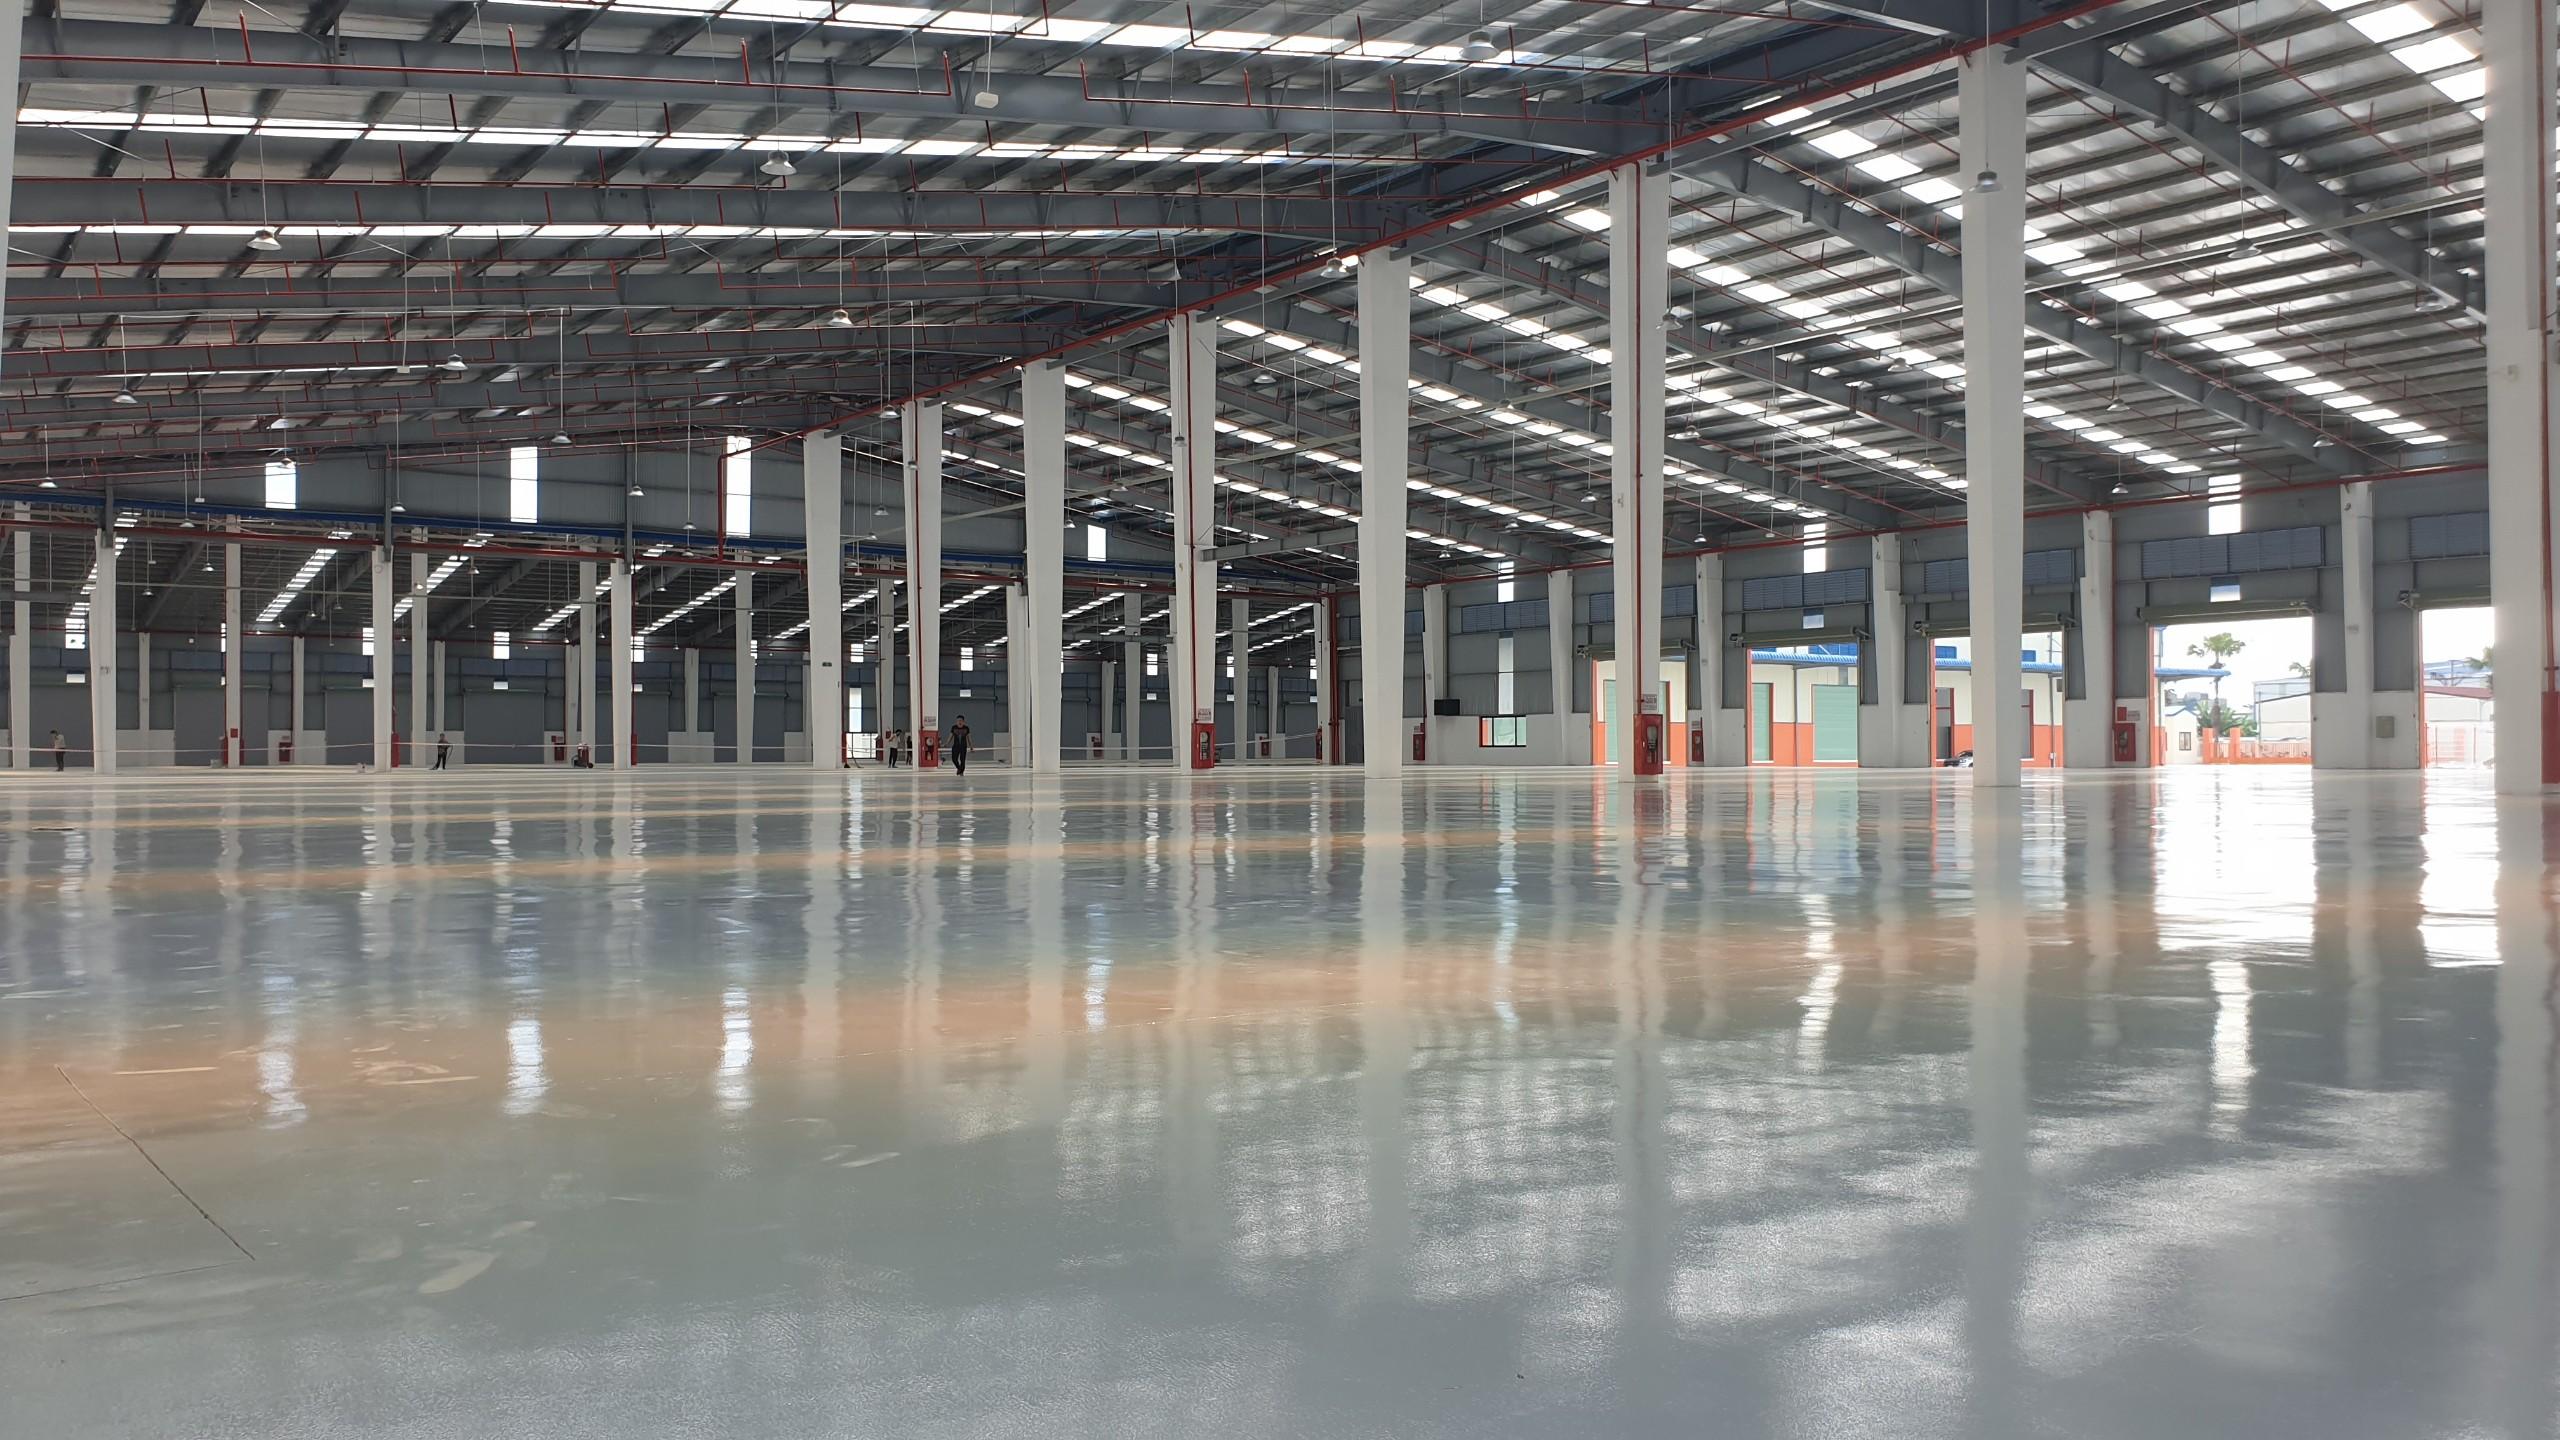 Cho thuê 5000m2 kho, xưởng tiêu chuẩn tại KCN Đài Tư, Long Biên đầy đủ pháp lý, pccc giá mùa dịch